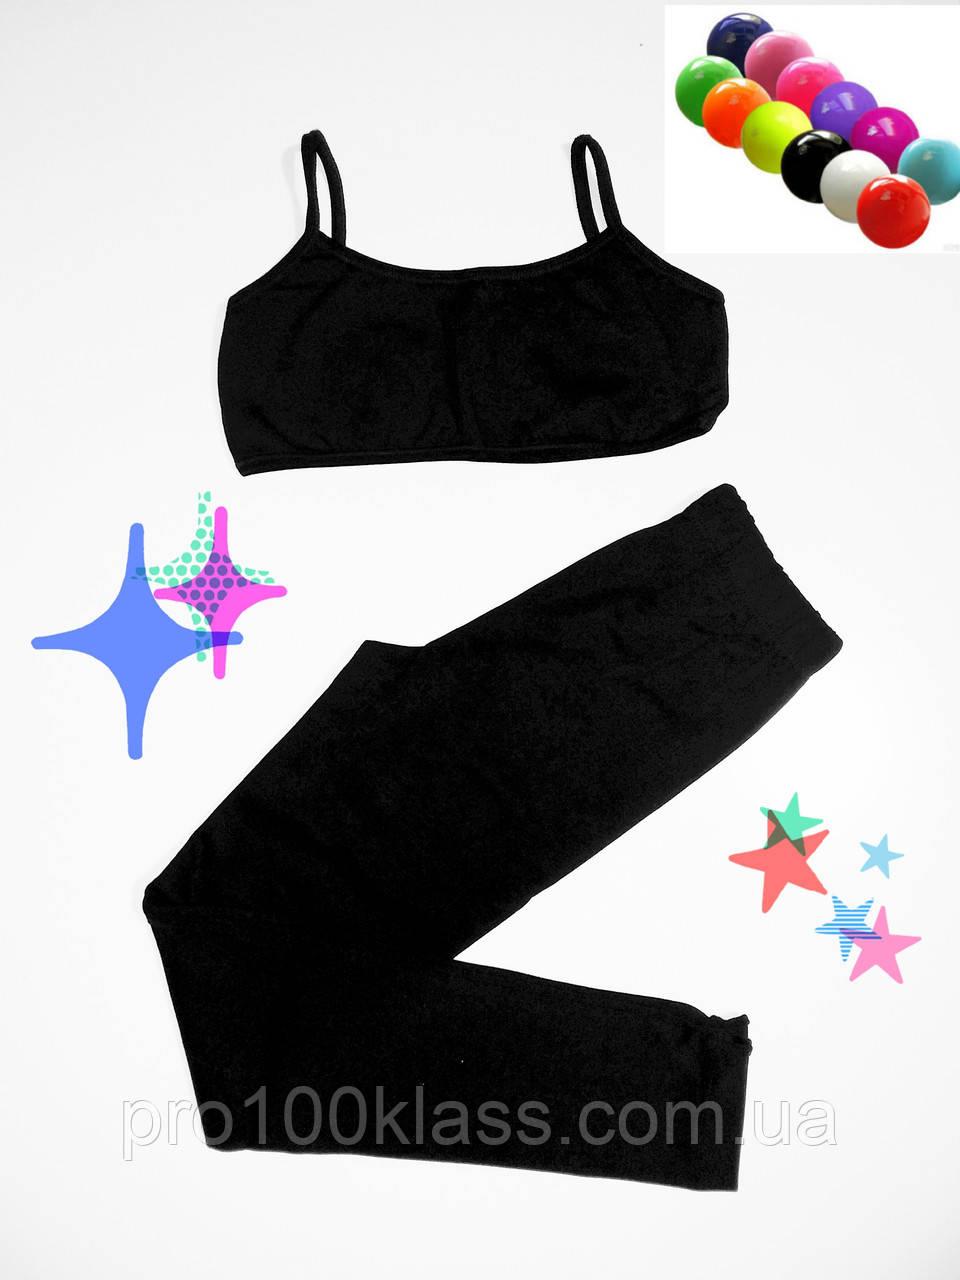 Спортивный комплект одежды для гимнастики и хореографии